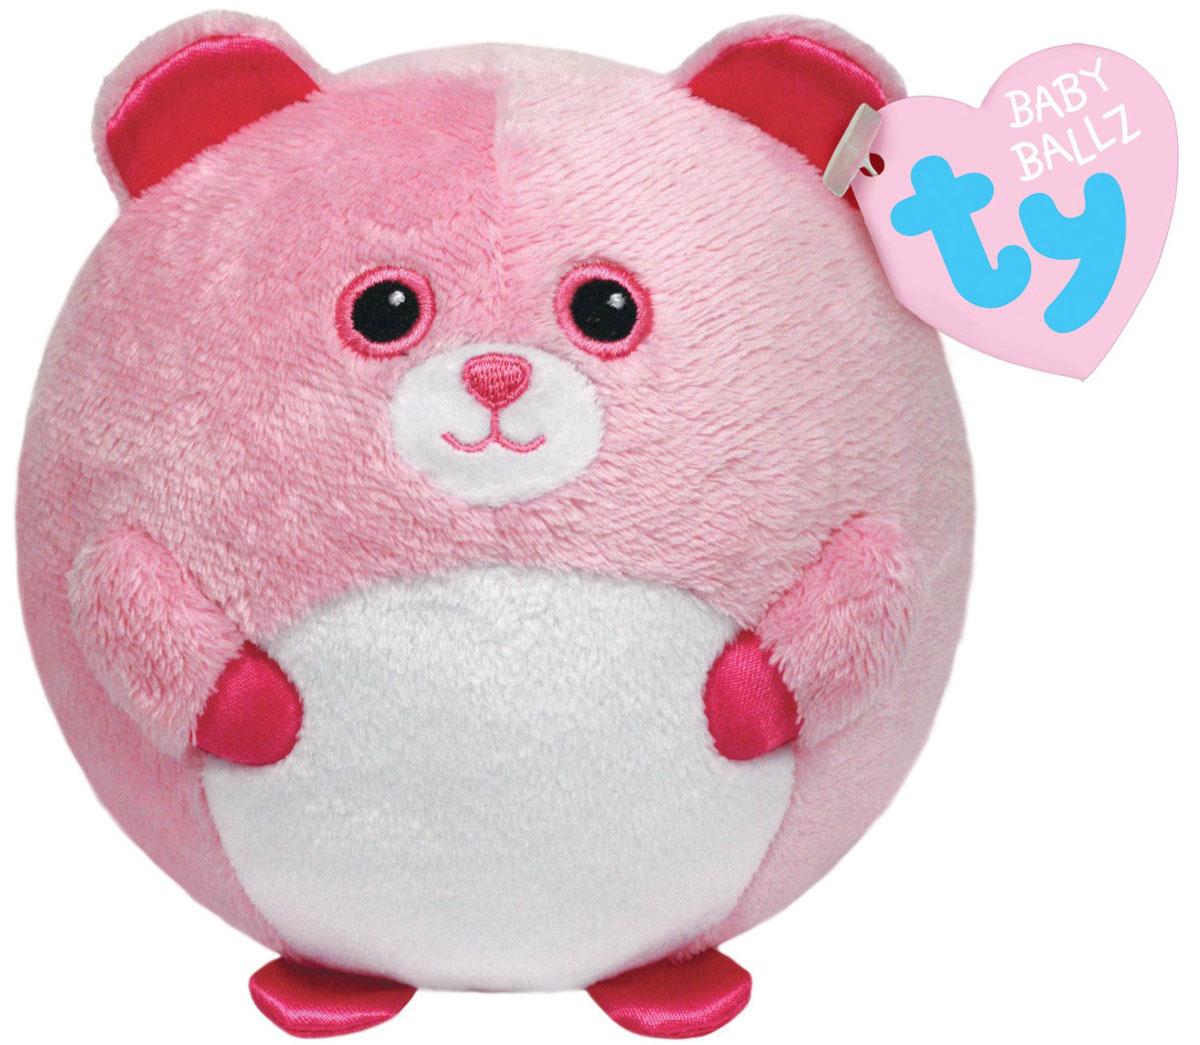 TY Мягкая игрушка Медвежонок Pinky 11 см38117Мягкая игрушка Медвежонок Pinky не оставит вас равнодушным и вызовет улыбку у каждого, кто ее увидит. Игрушка изготовлена из безопасных, приятных на ощупь материалов в виде милого розового медвежонка. Медвежонок выполнен в форме мячика. Пластиковые гранулы, используемые при набивке игрушки, способствуют развитию мелкой моторики рук ребенка. Симпатичная игрушка будет радовать вашего ребенка, а также способствовать полноценному и гармоничному развитию его личности. Великолепное качество исполнения делают эту игрушку чудесным подарком к любому празднику как для ребенка, так и взрослого человека!